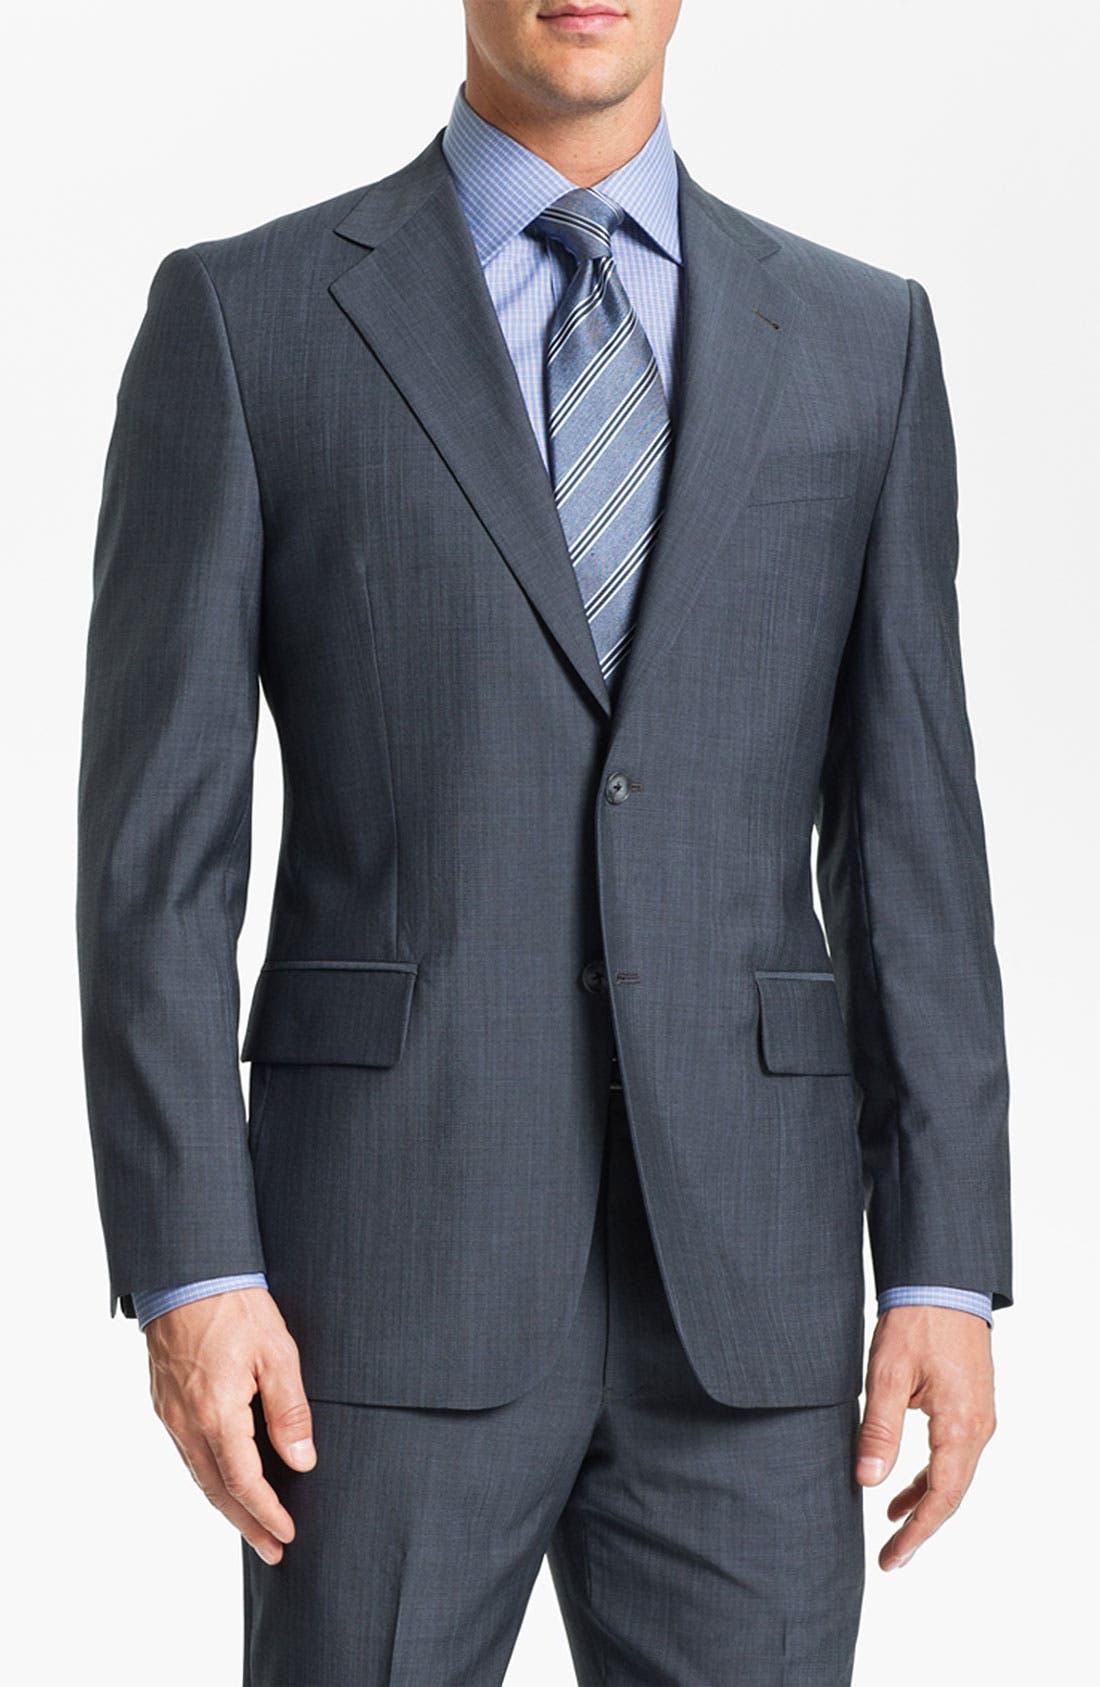 Main Image - Joseph Abboud Wool Suit